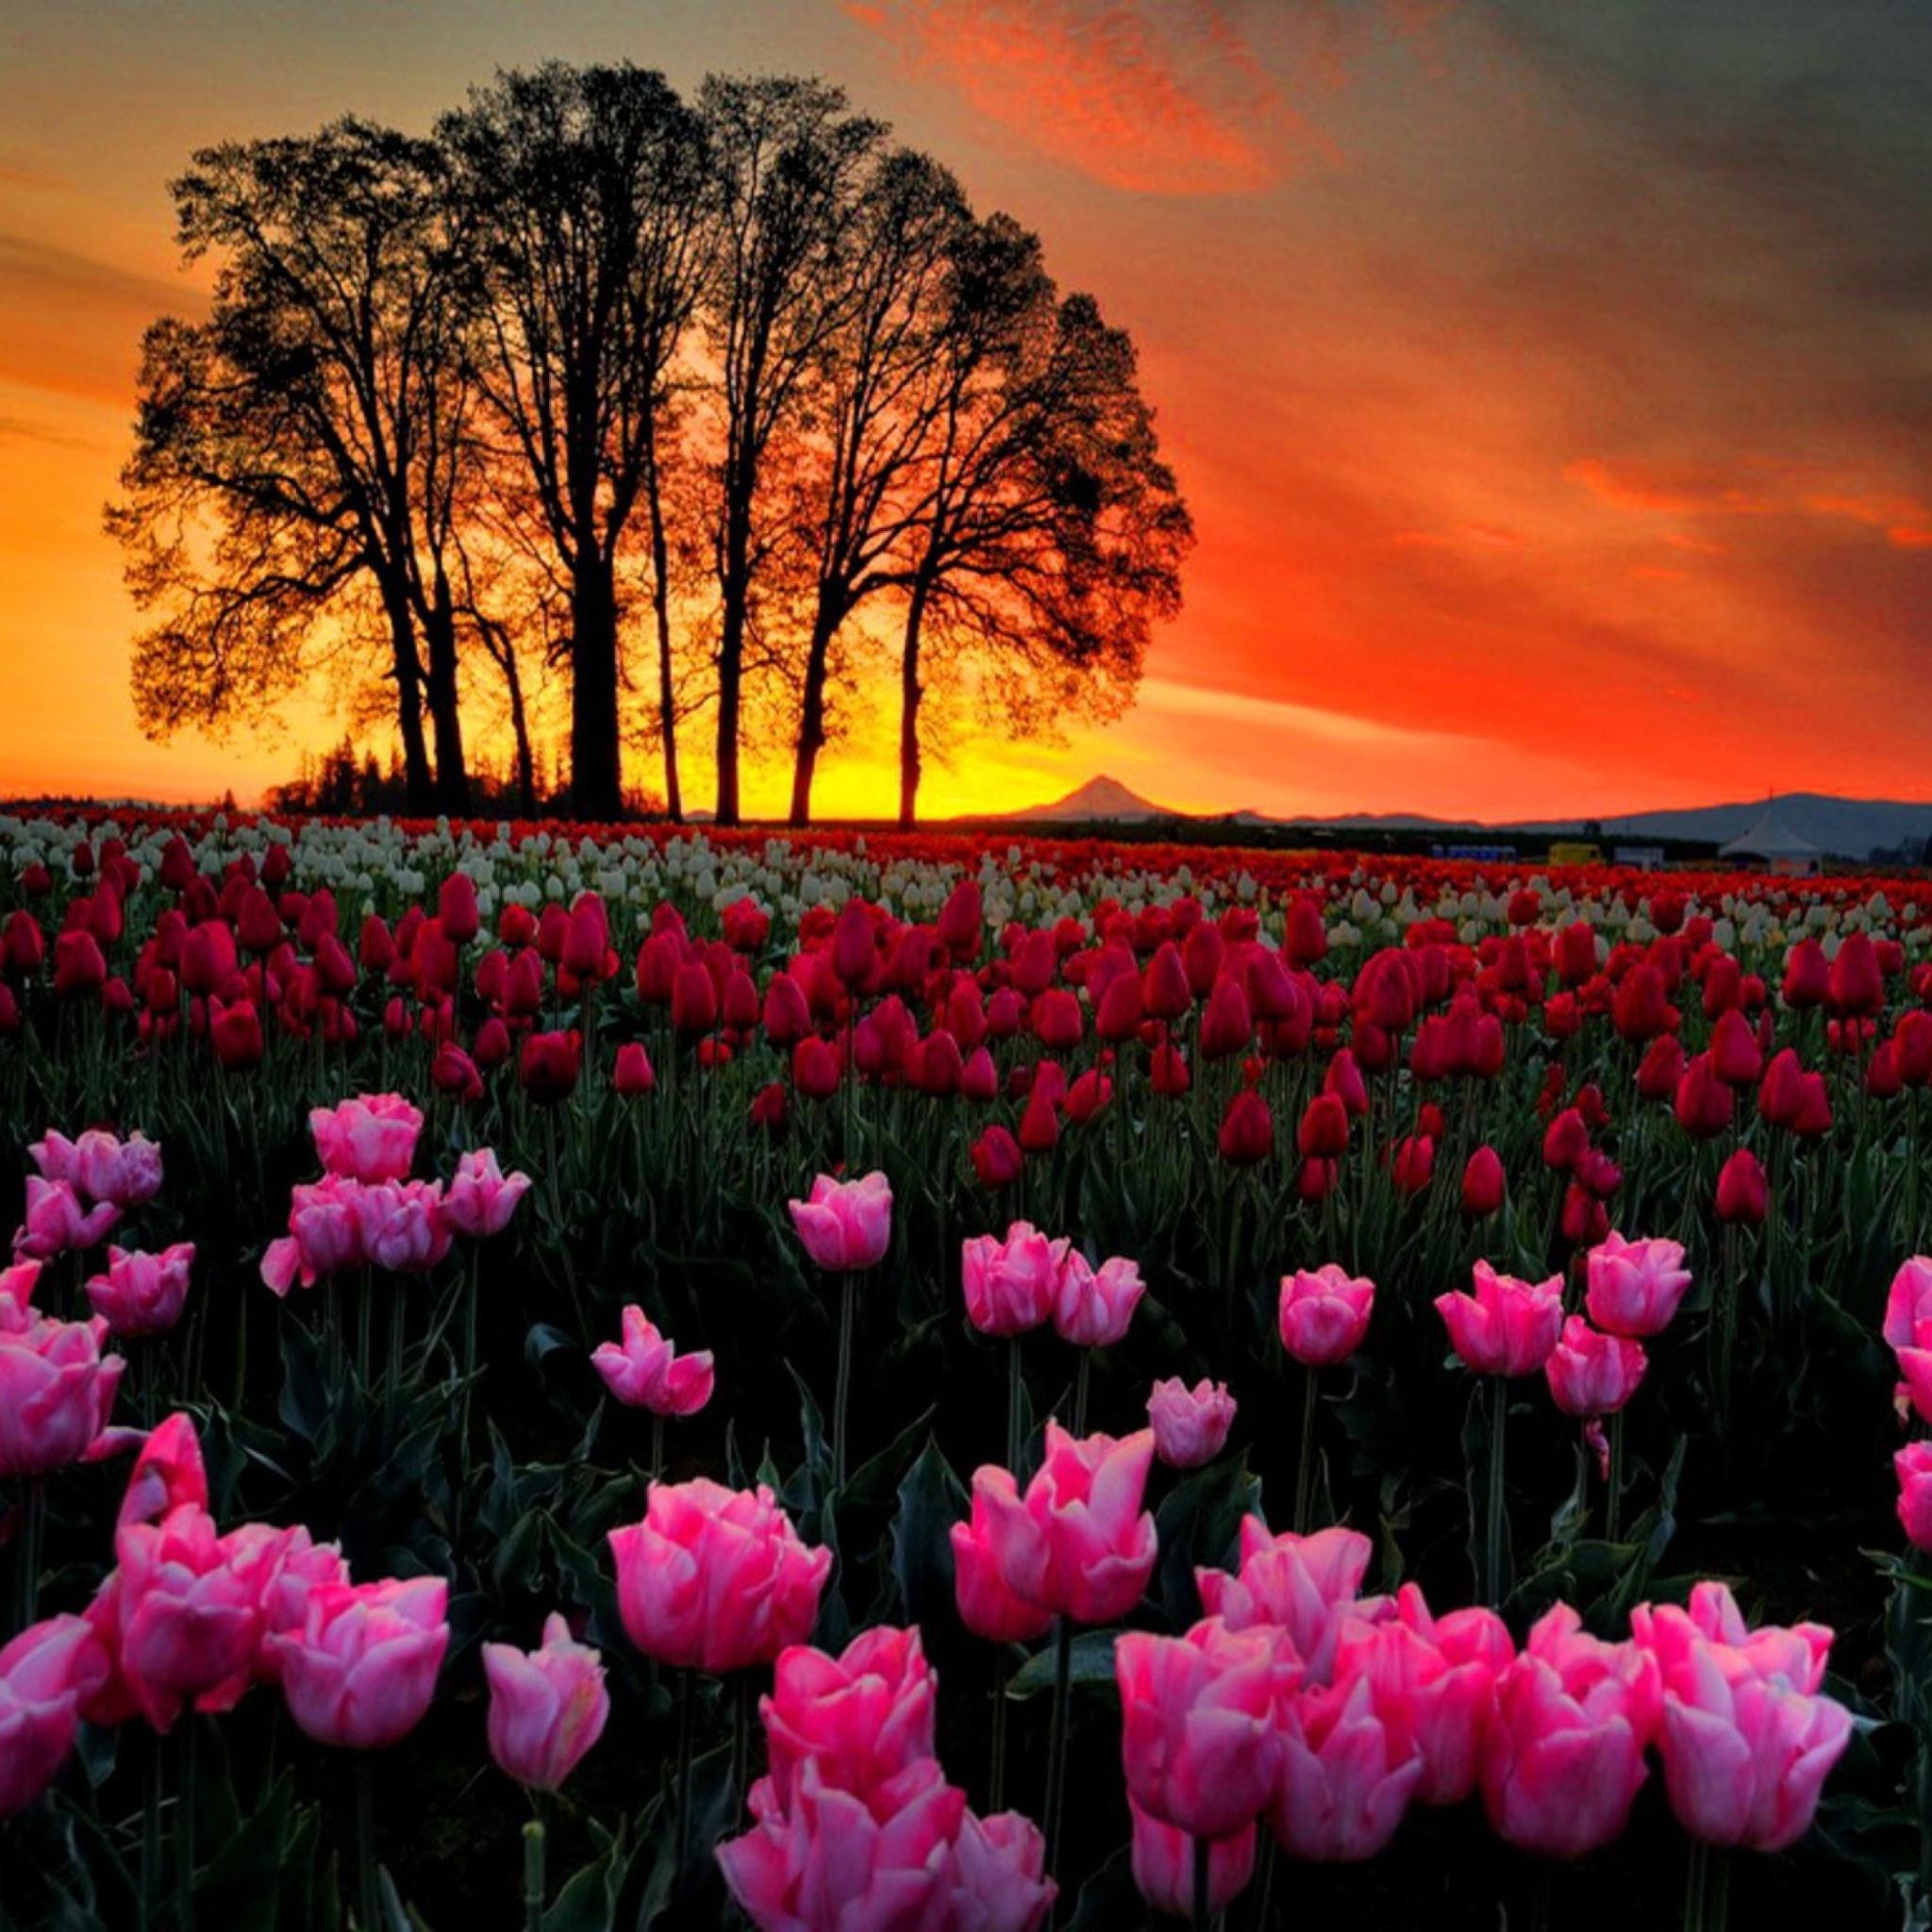 тюльпаны поле розовые закат бесплатно